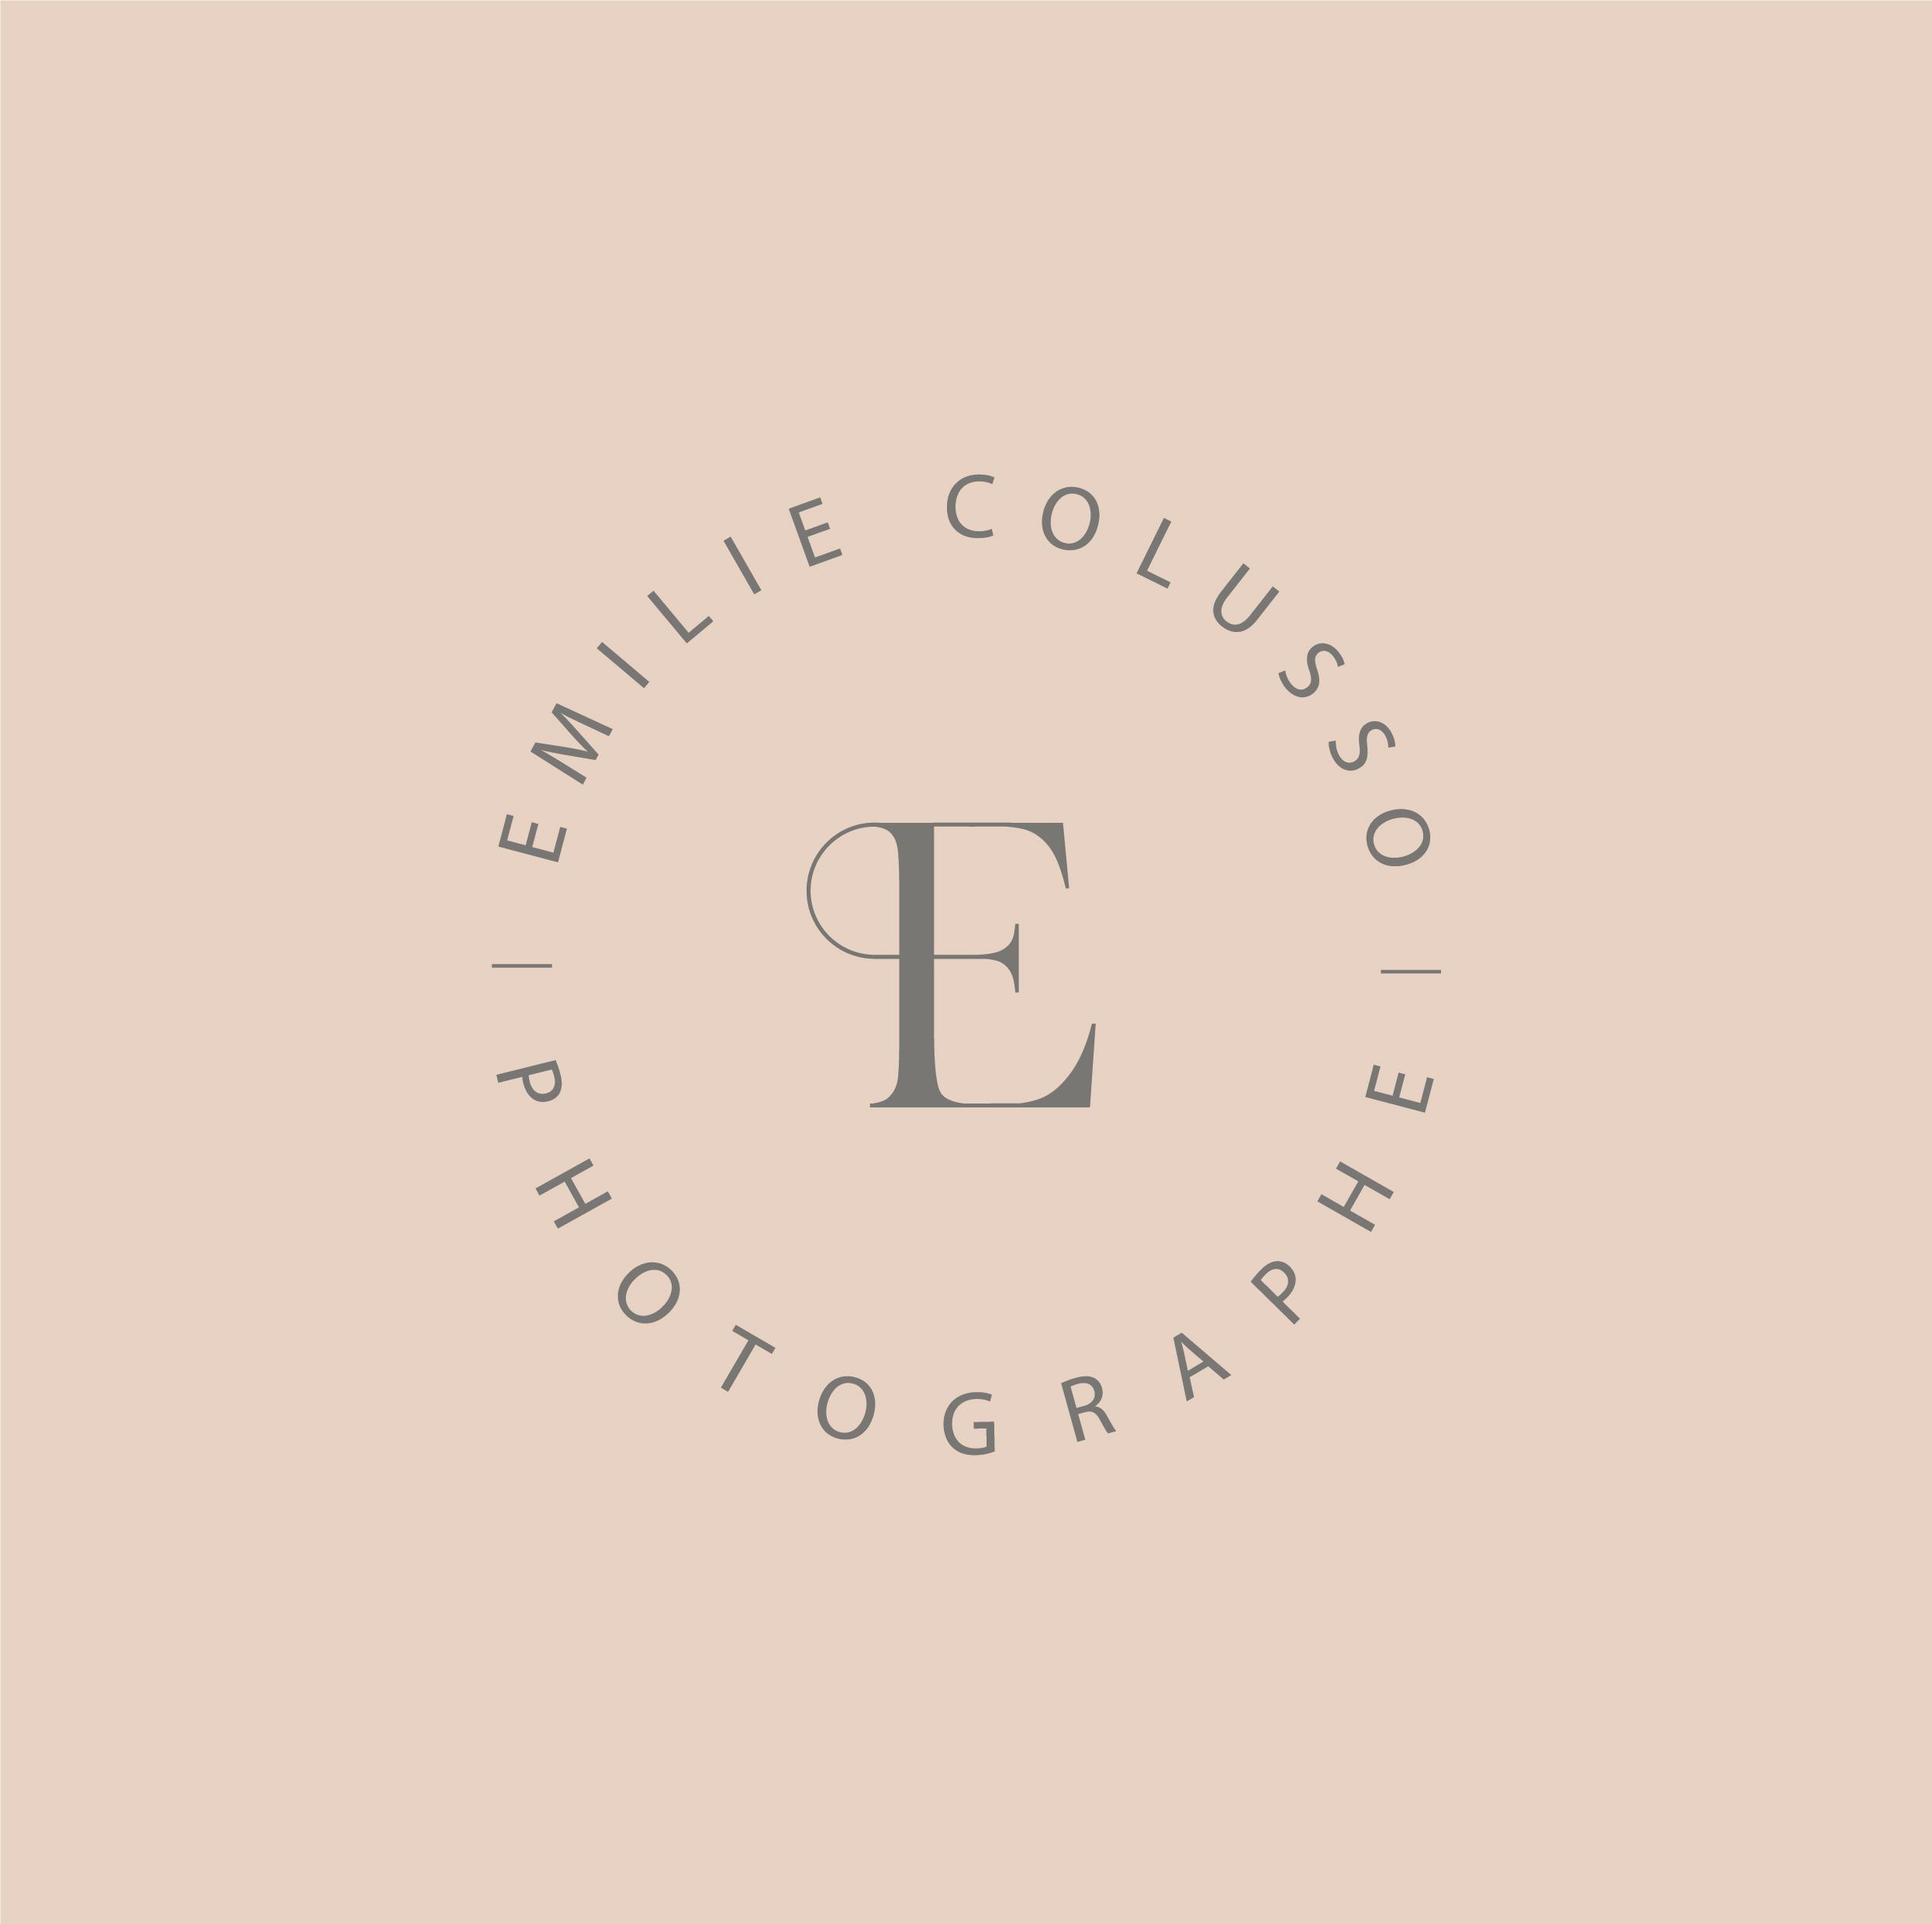 Emilie Colusso Photographe